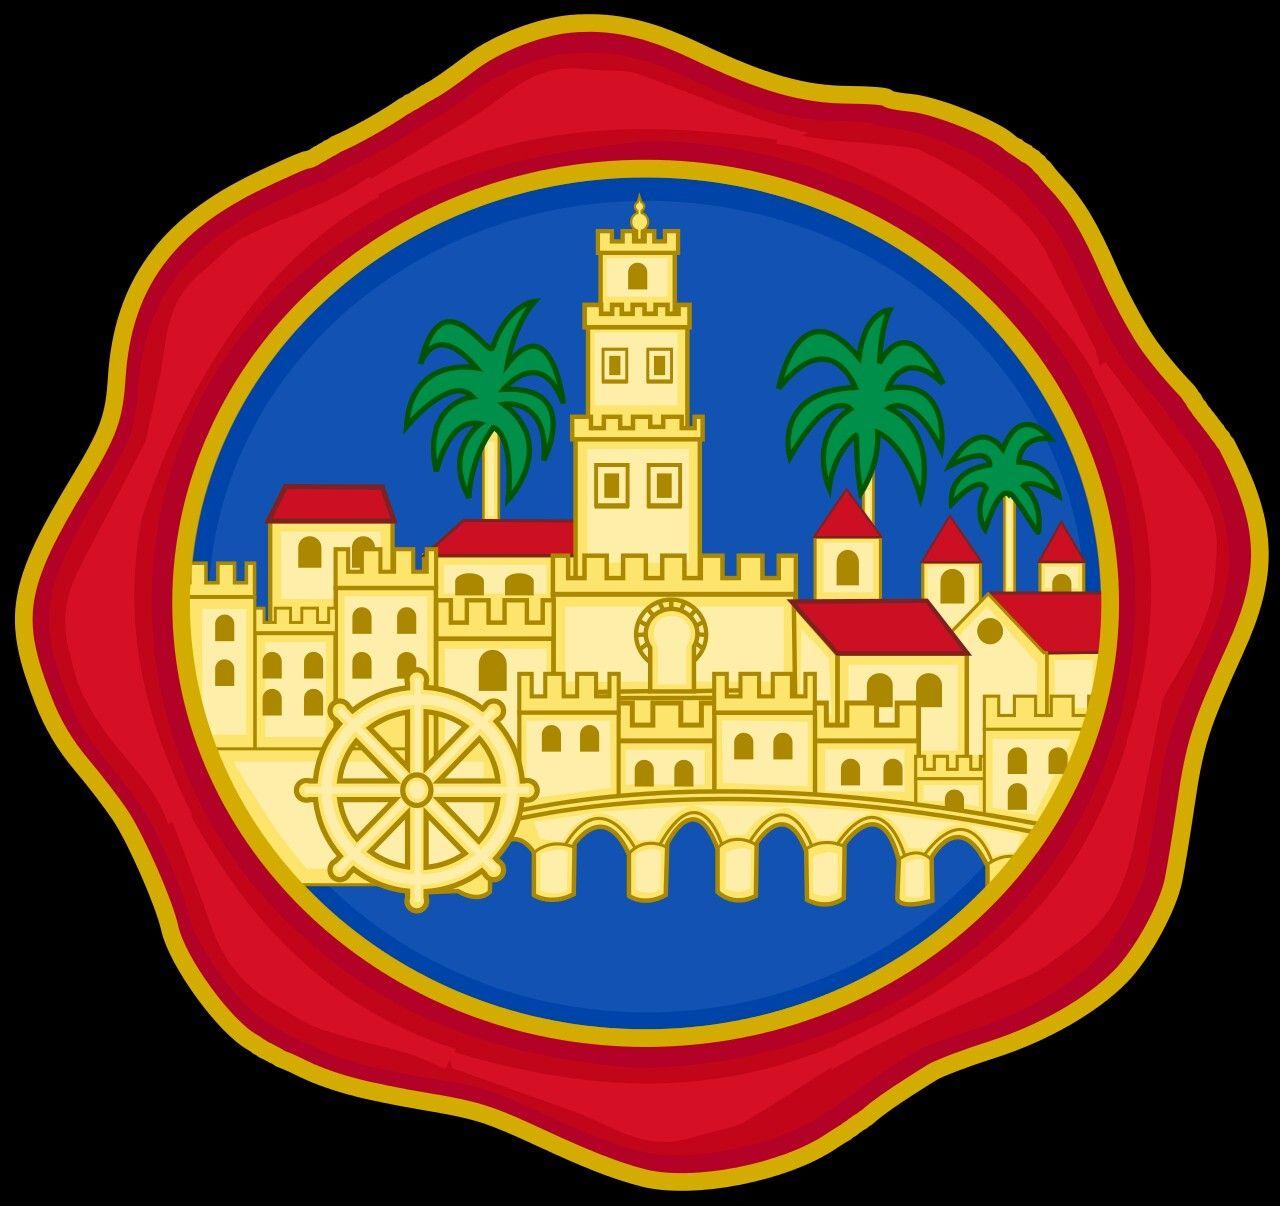 Escudo De La Capital De Cordoba Cordoba España Escudo Cordoba